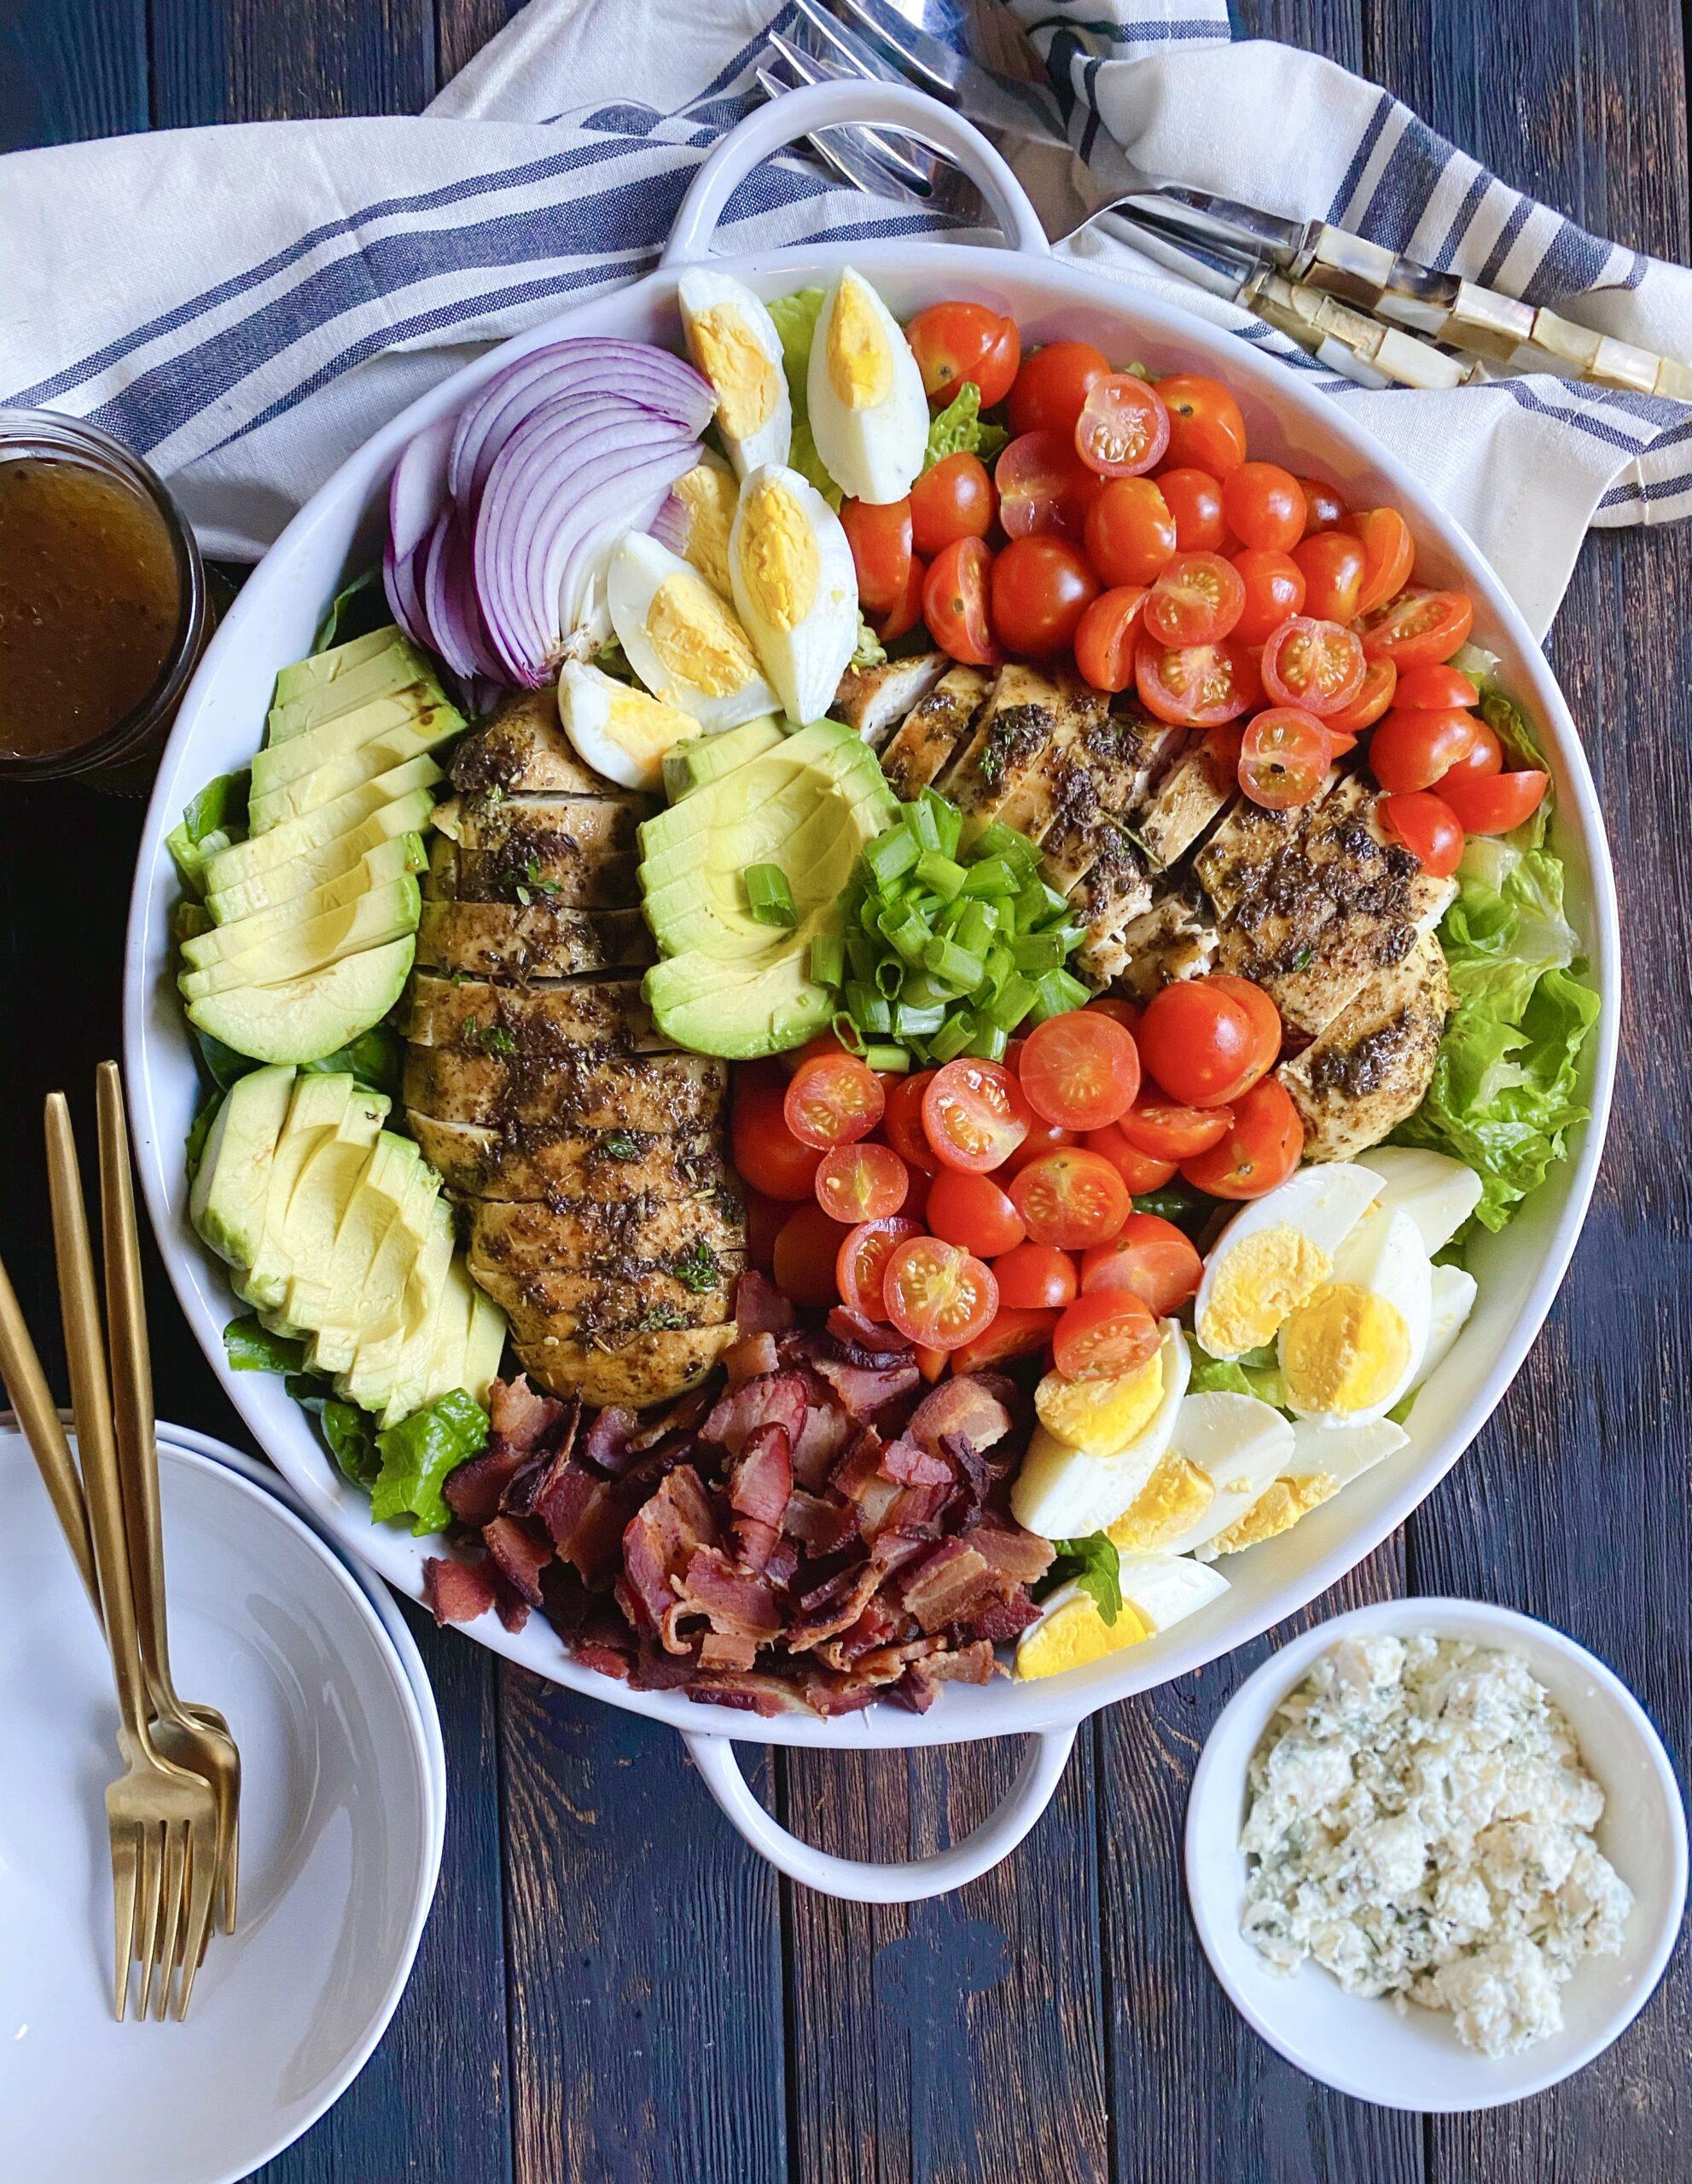 cobb salad with jerk chicken breast